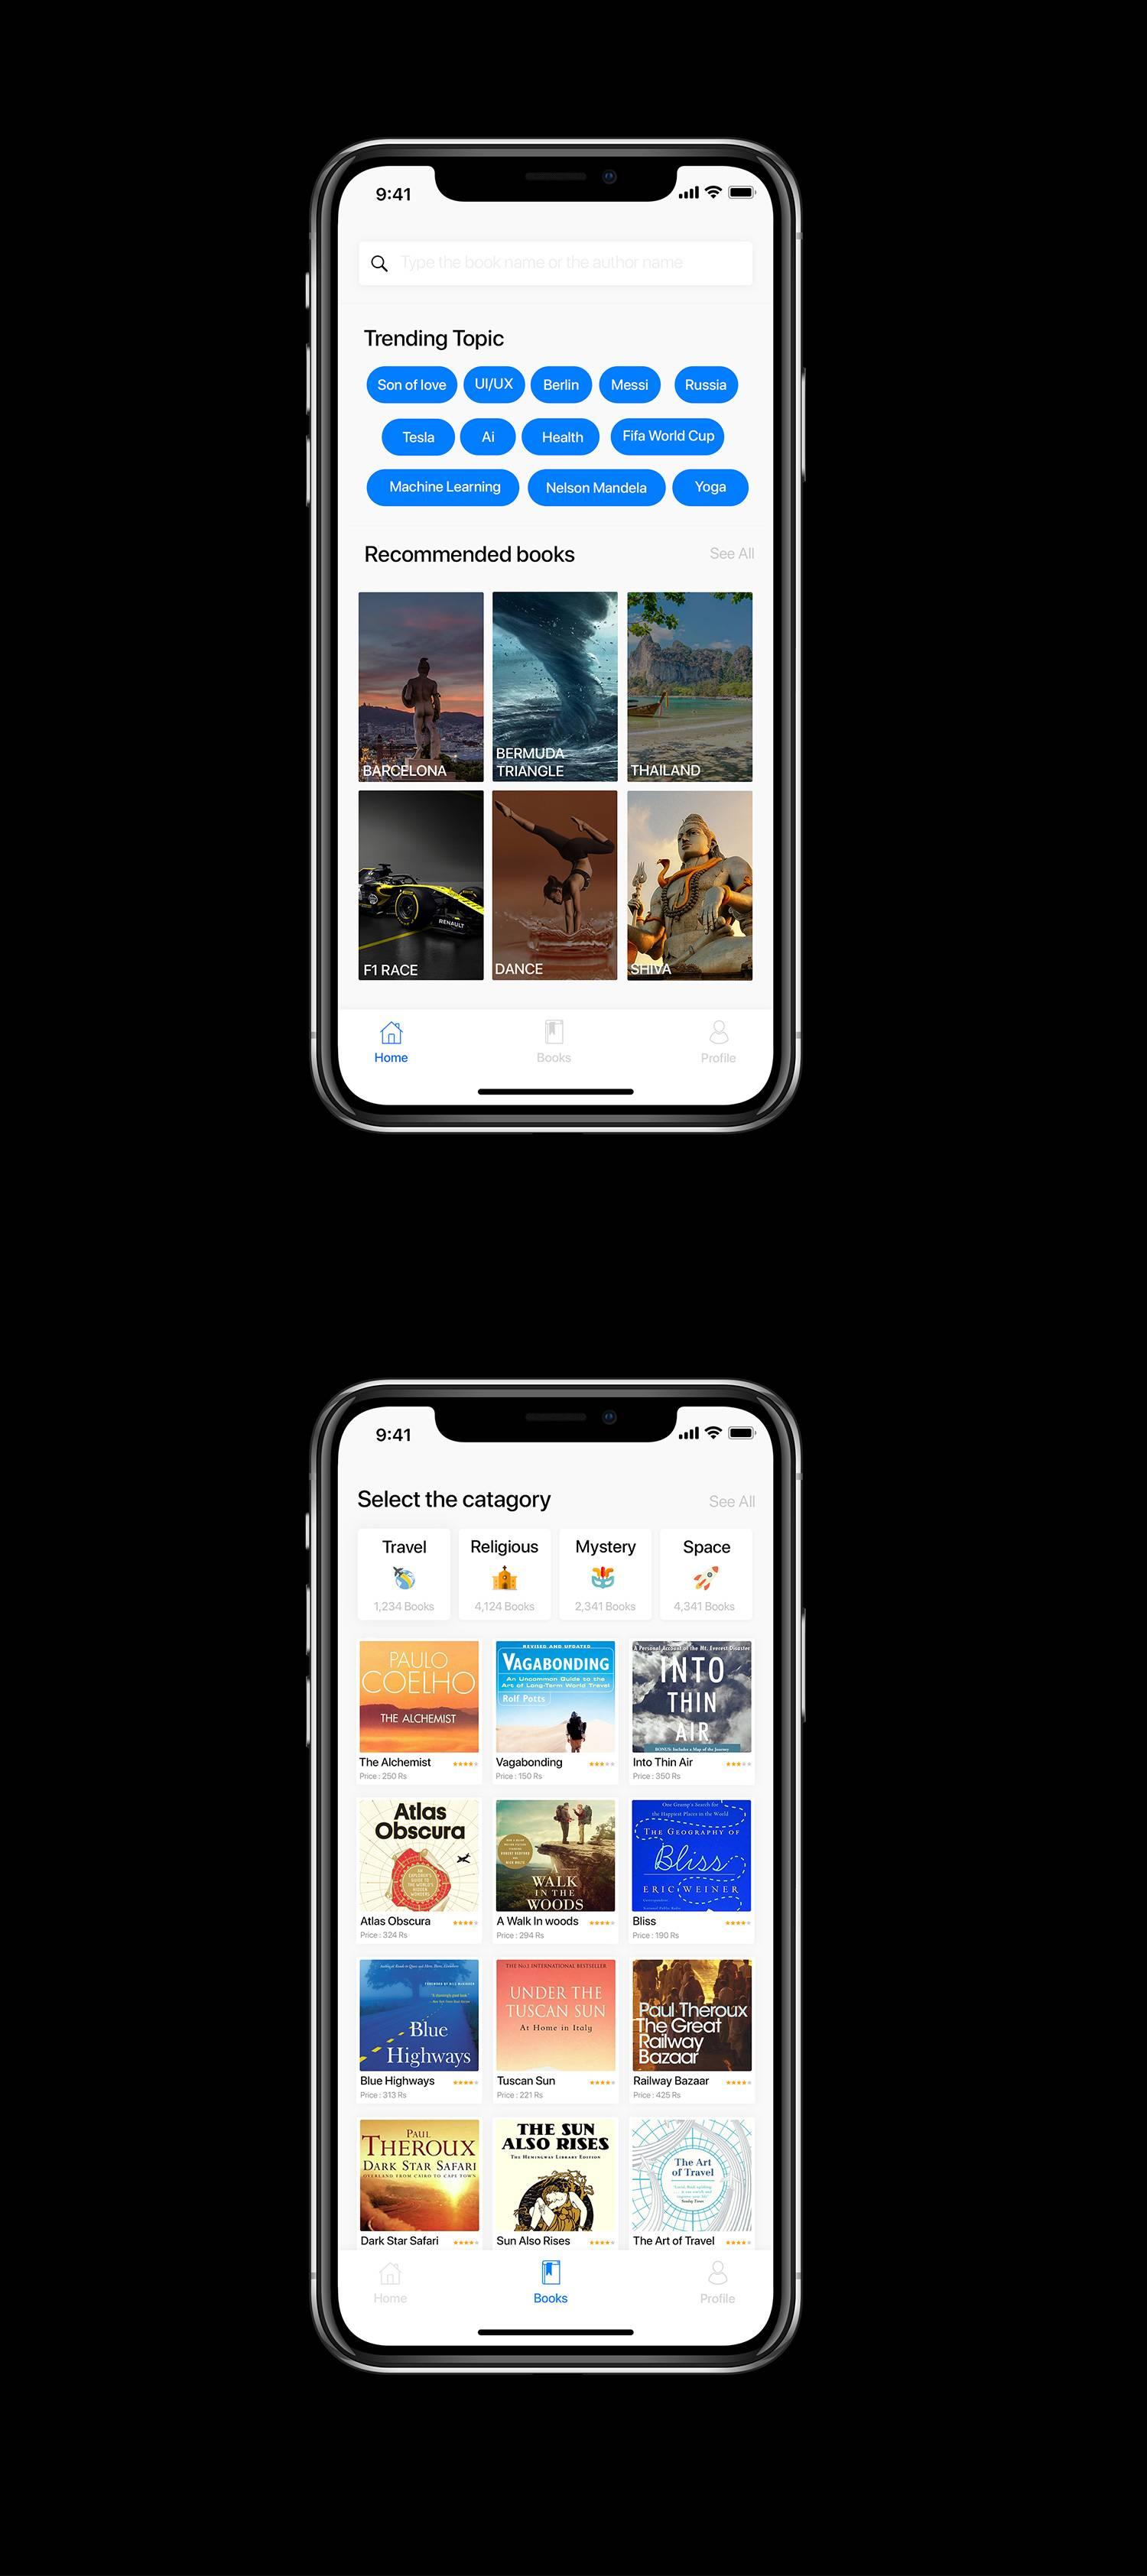 电商购物在线书店app界面设计 .psd素材下载 界面-第1张